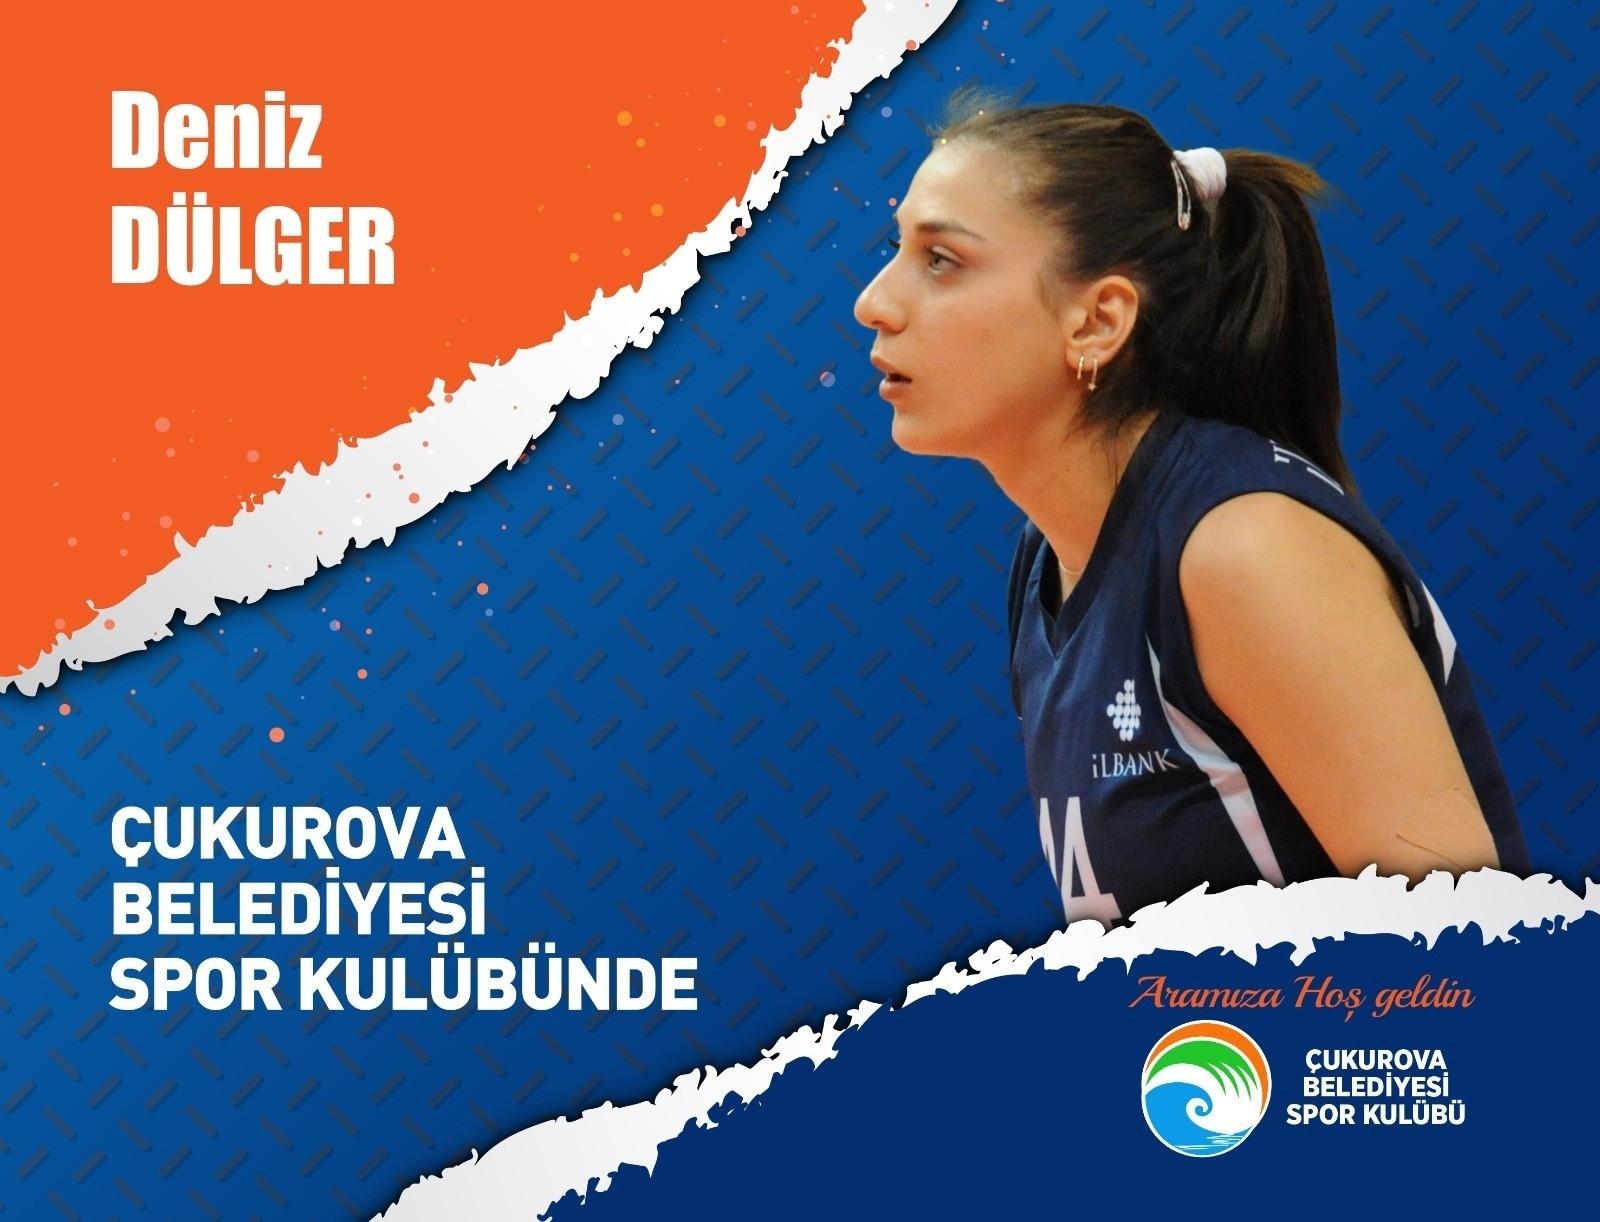 2021/06/cukurova-belediyesi-spor-kulubunden-6-transfer-20210607AW33-3.jpg